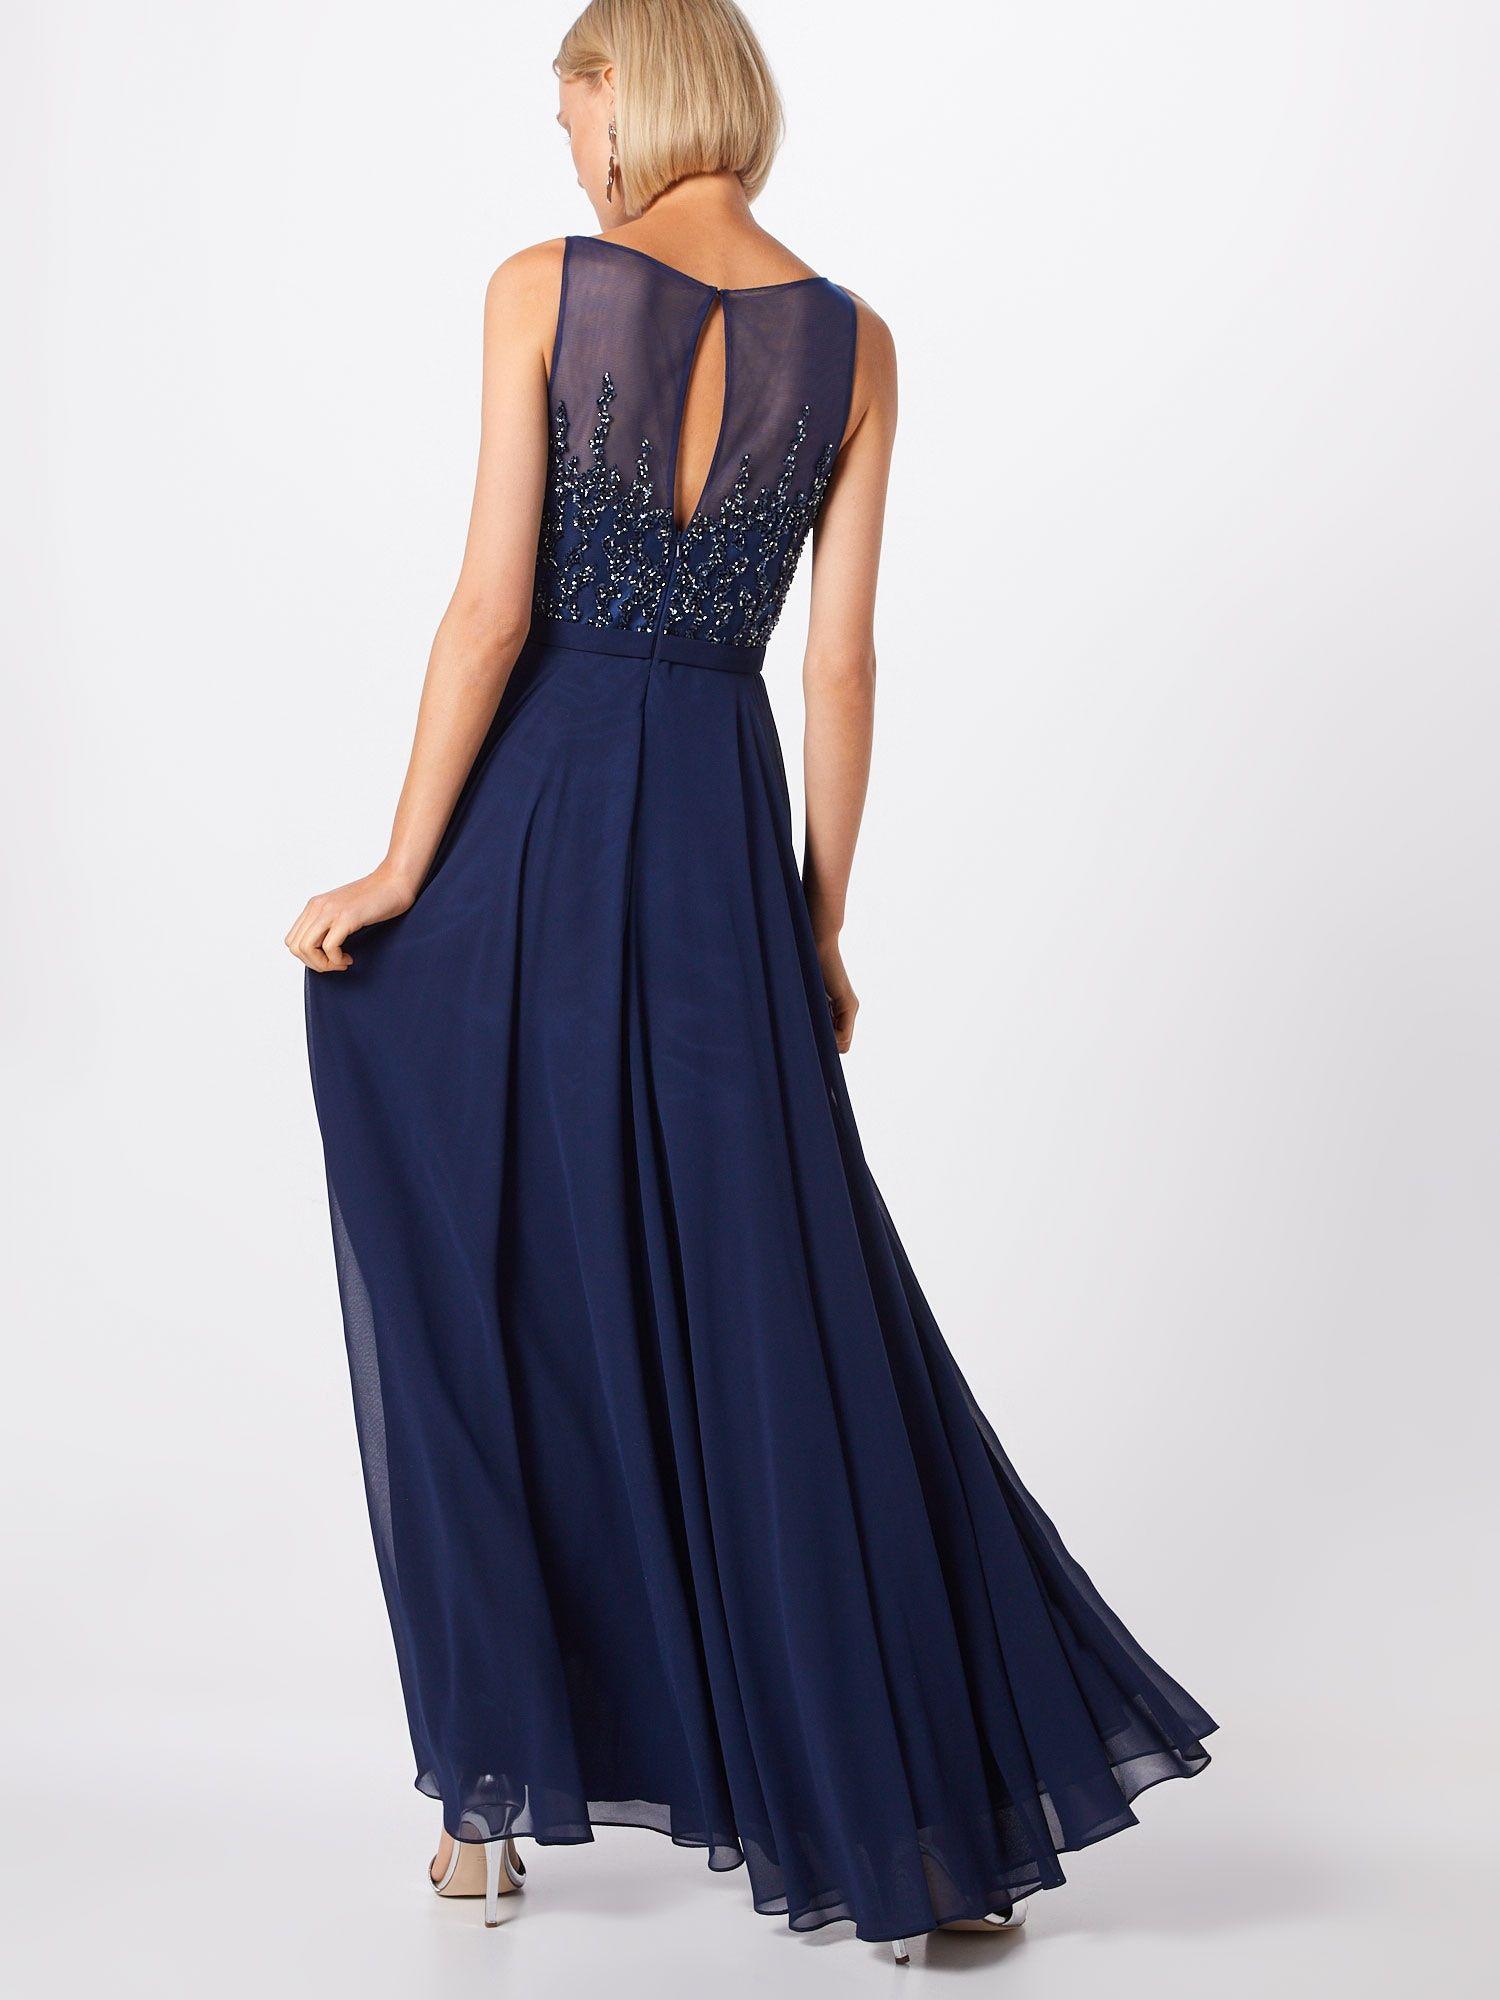 Mascara Kleid Damen, Navy, Größe 17  Langes abendkleid, Formelle